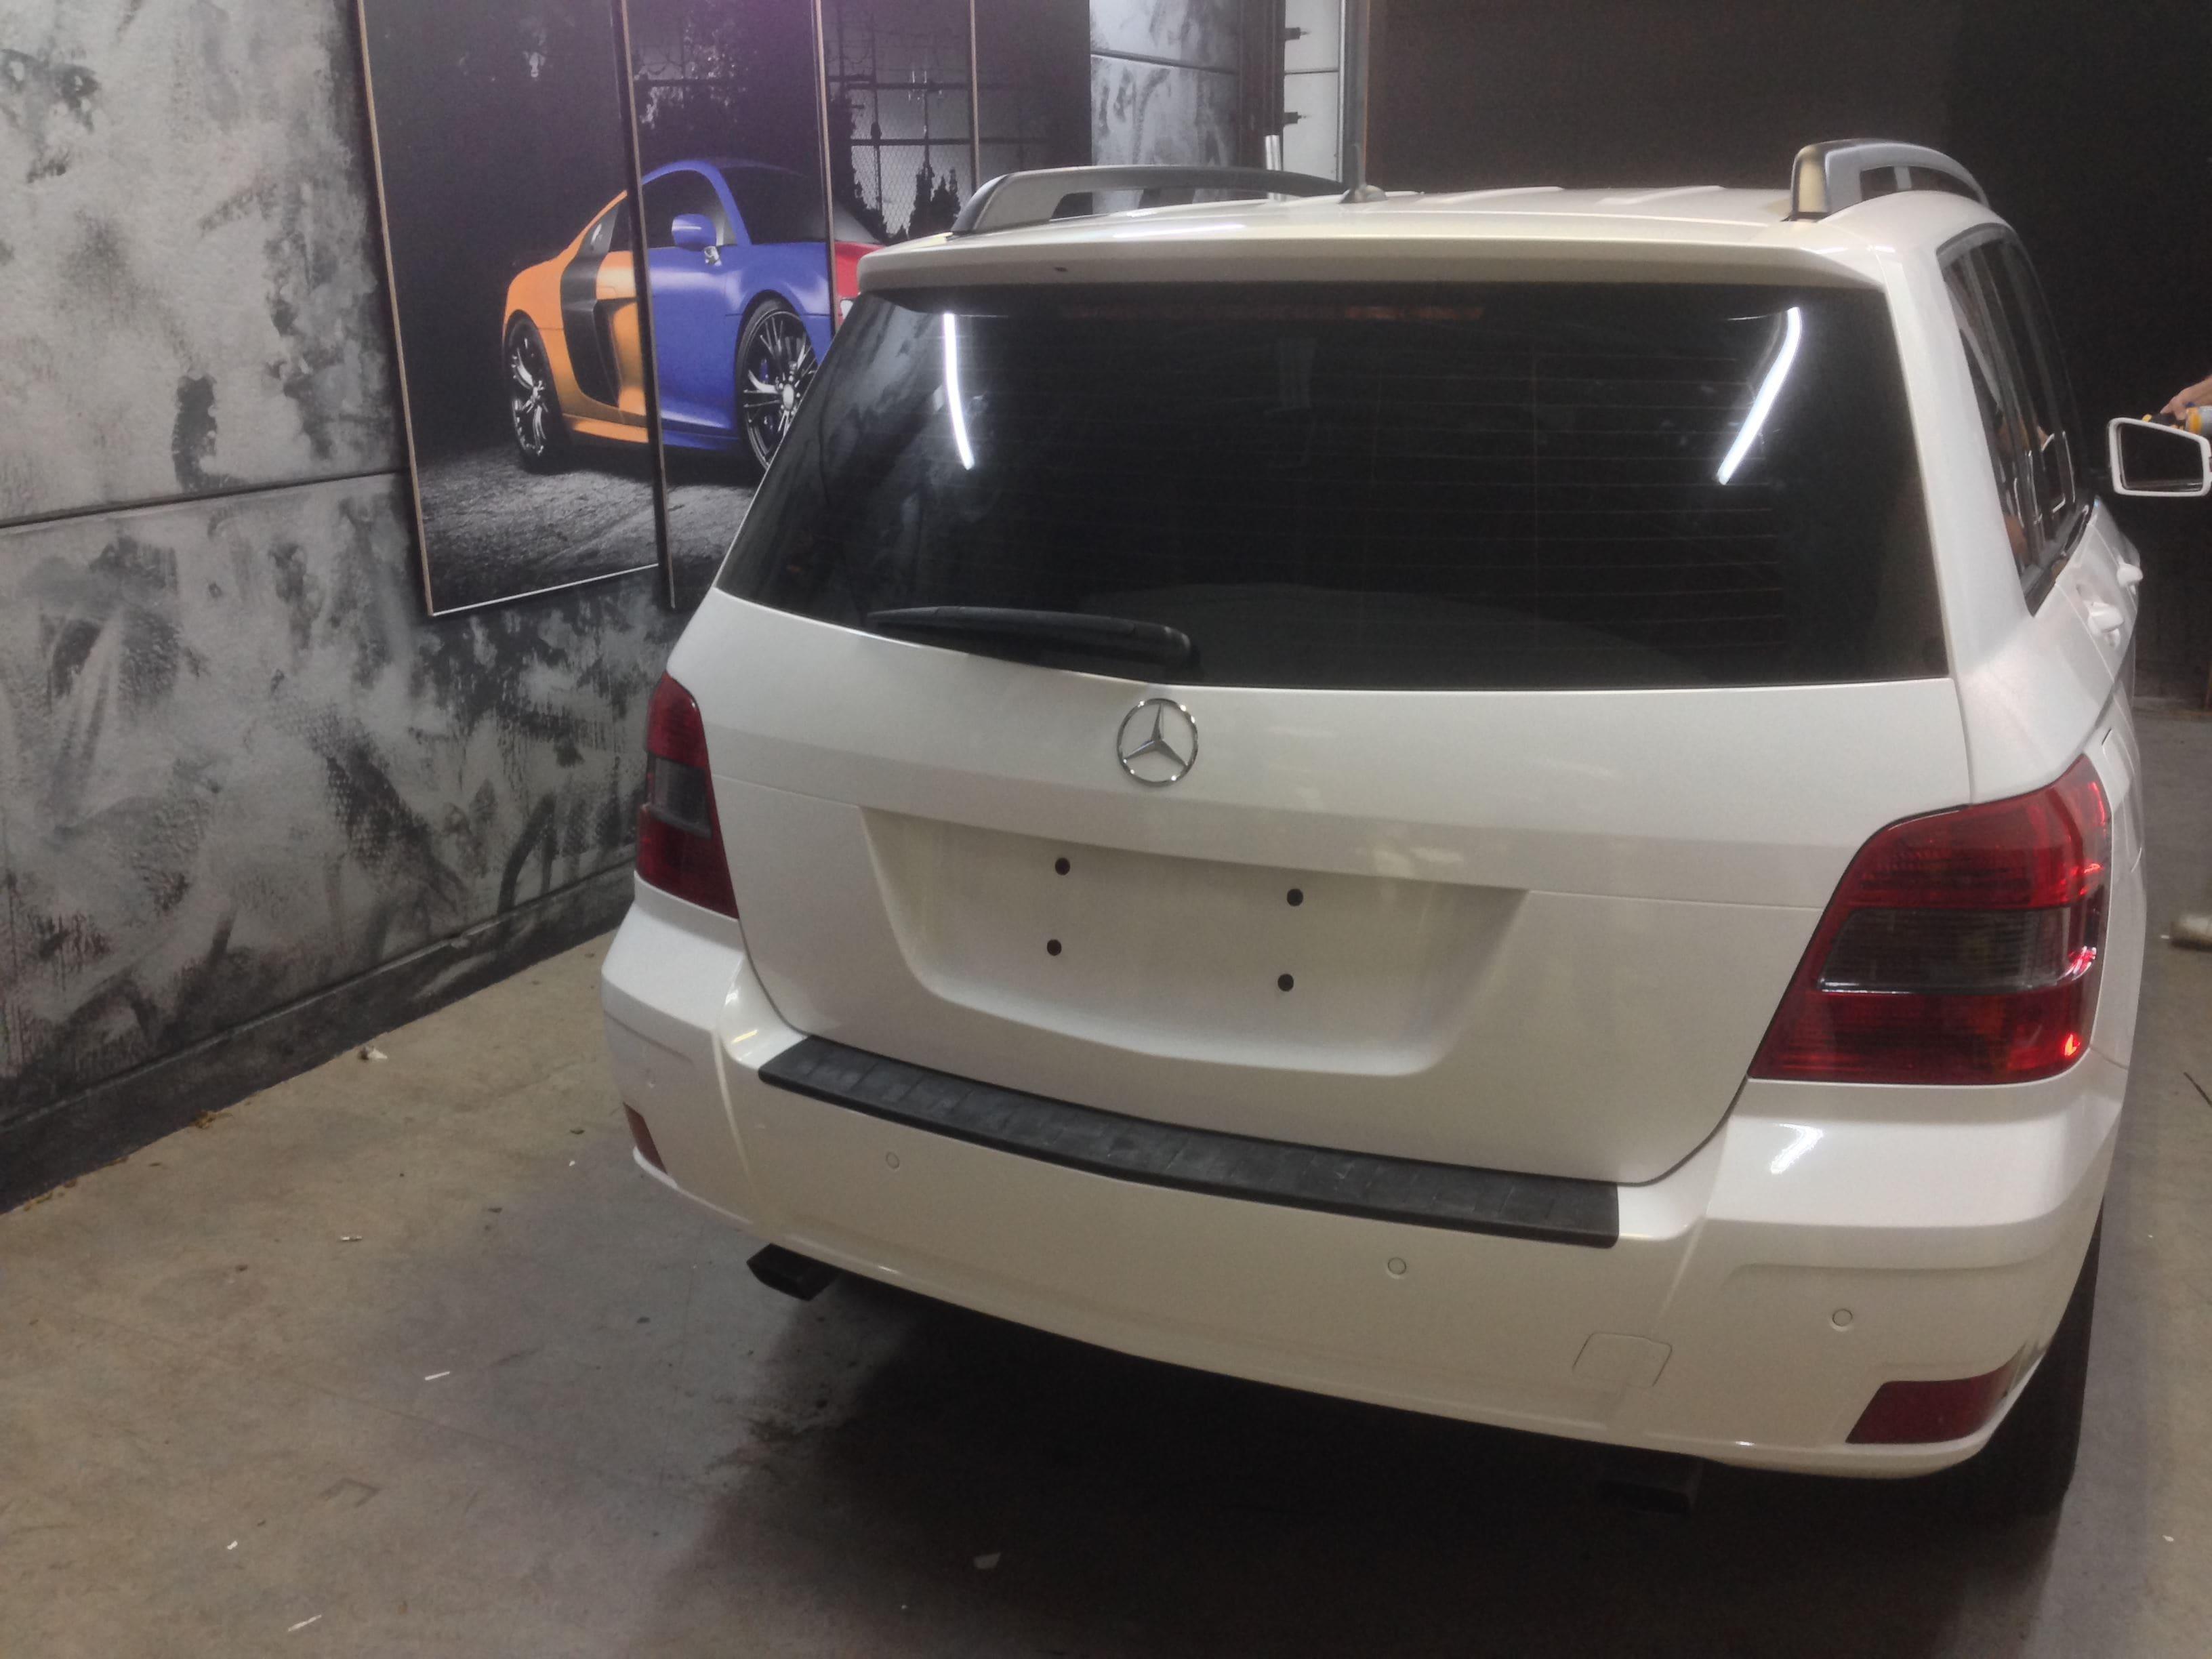 Mercedes GLK met Glossy White Wrap, Carwrapping door Wrapmyride.nu Foto-nr:6306, ©2021